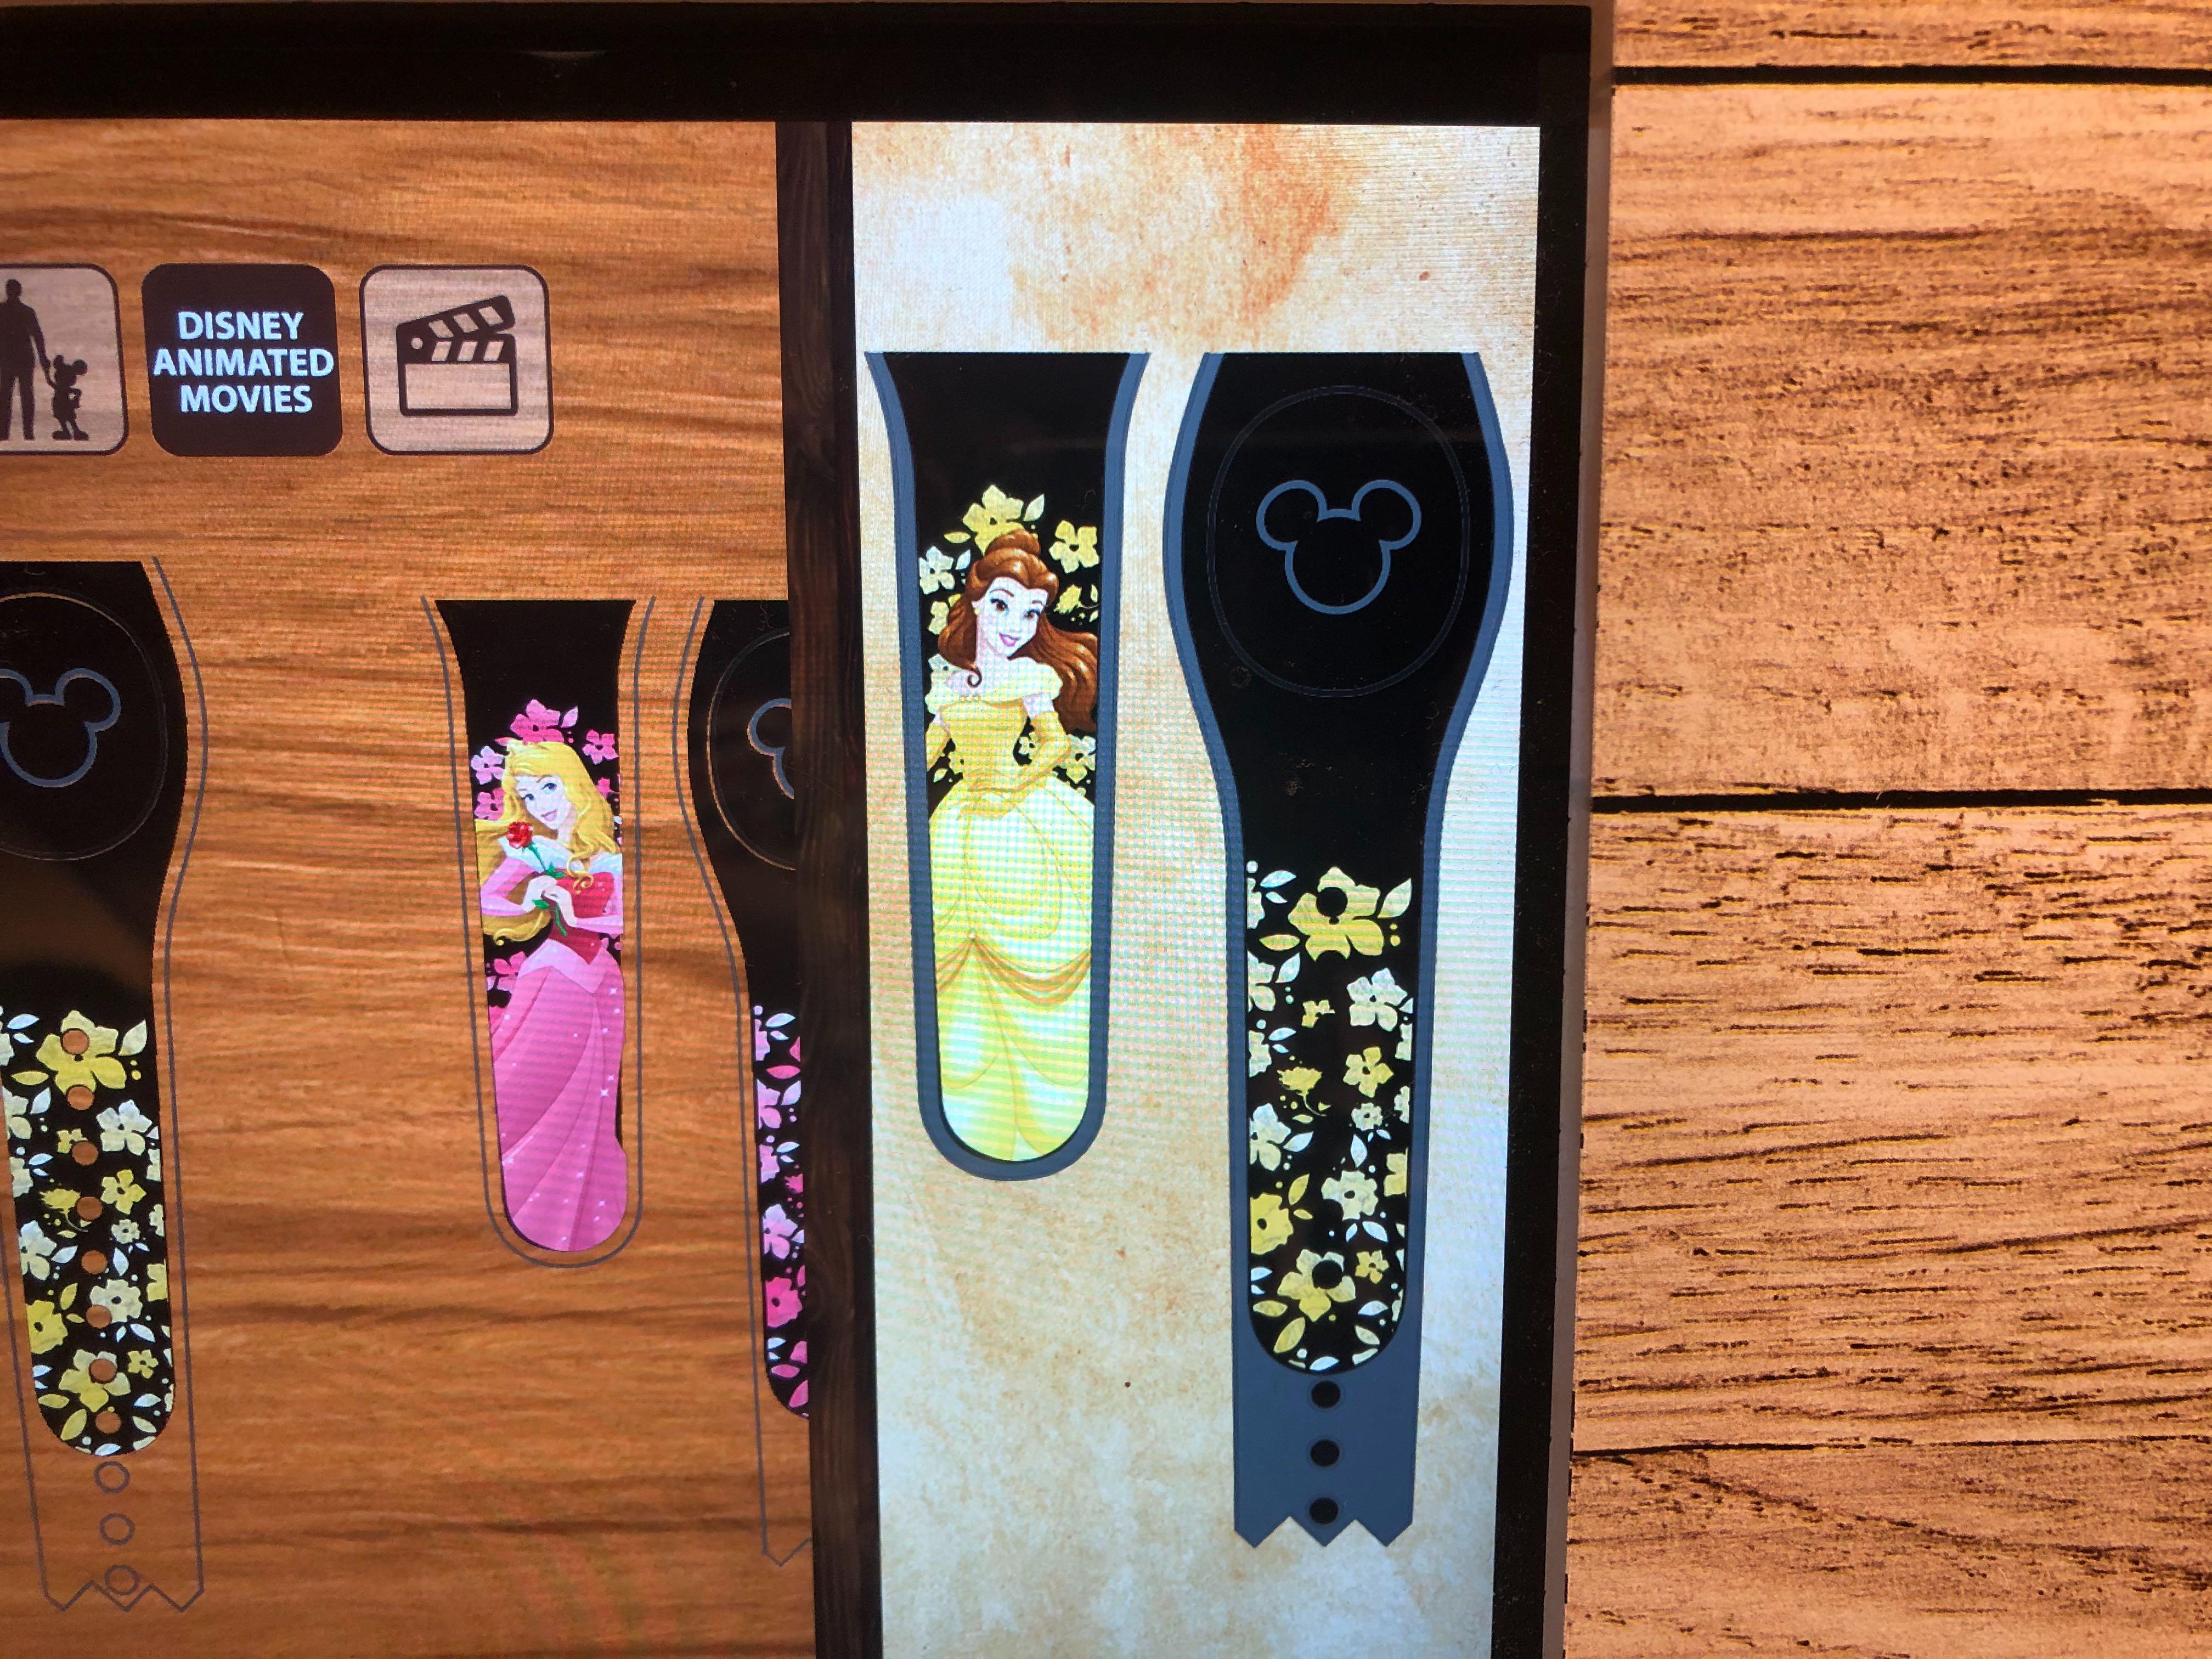 princess-flower-d-tech-magicband-02-02-2020-6.jpg